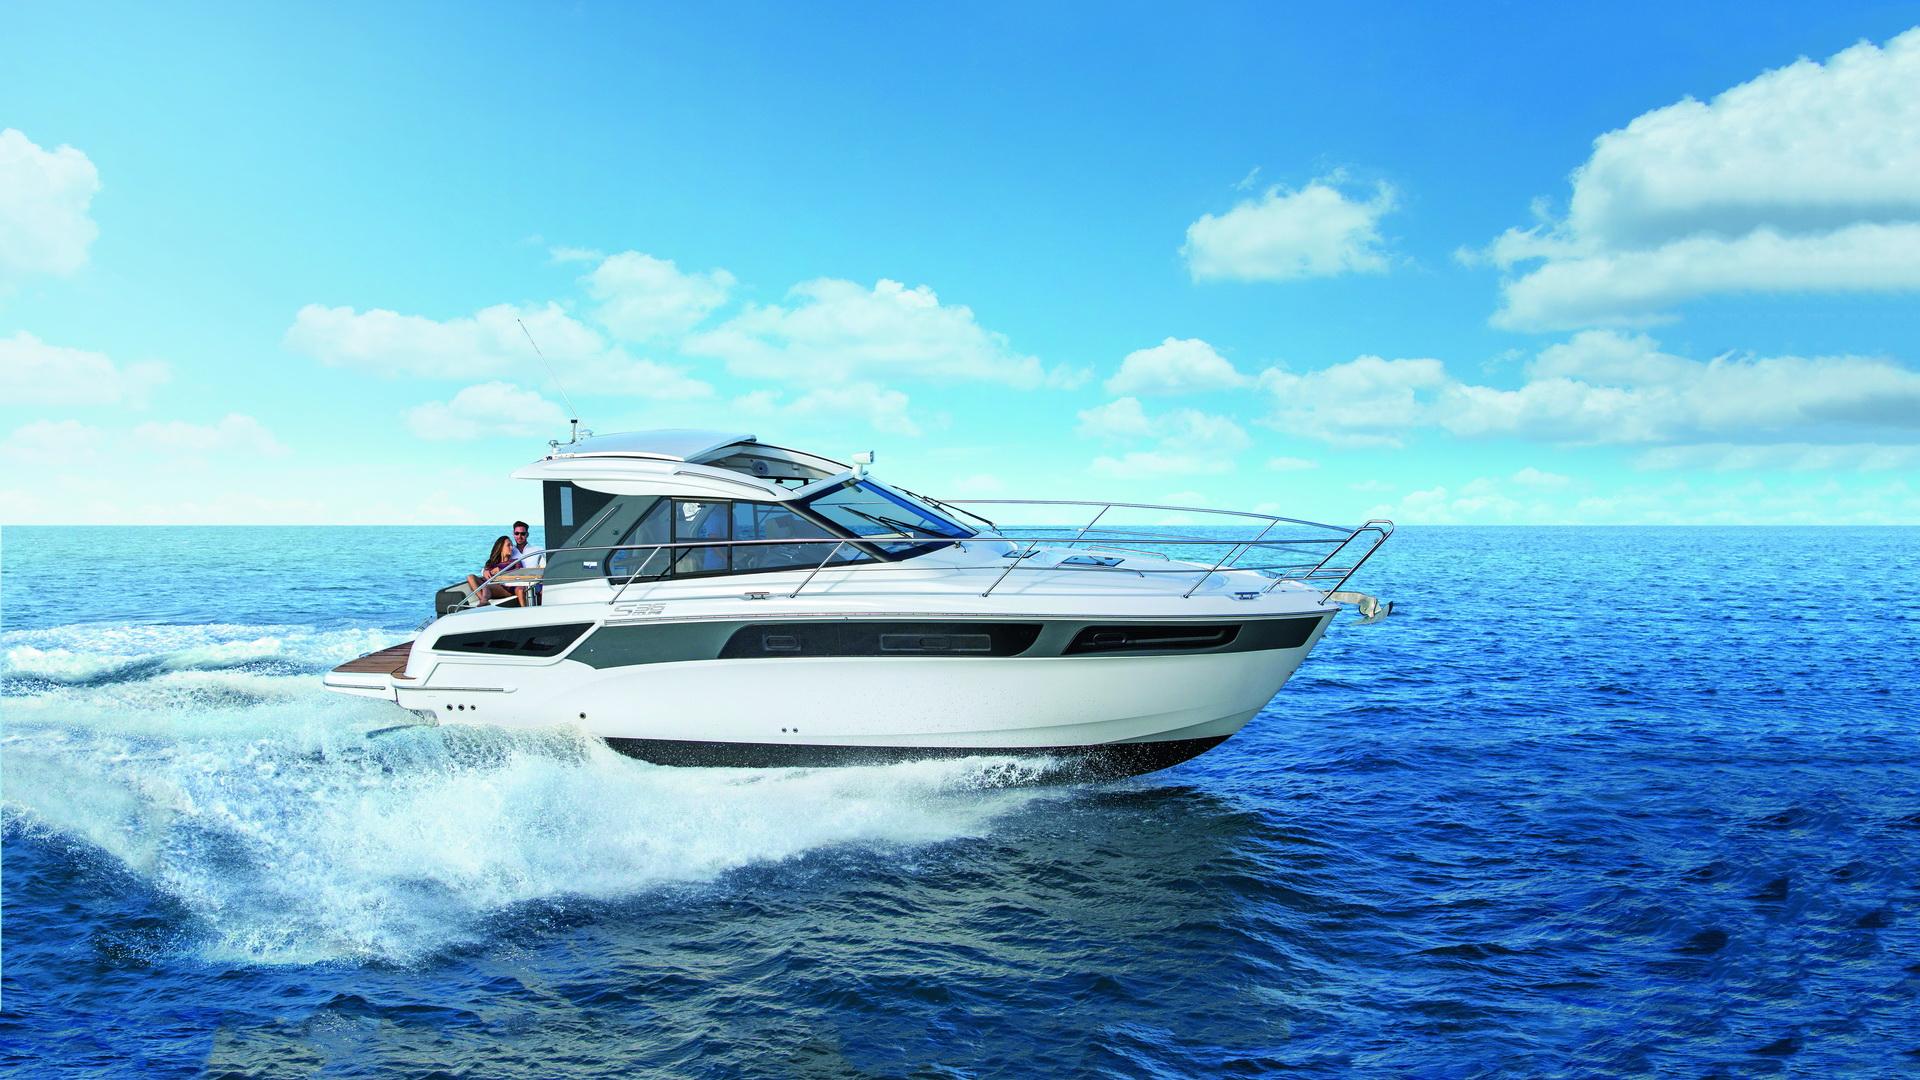 BAVARIA S36 Coupe - Bavaria Yachts - Drettmann Yachts